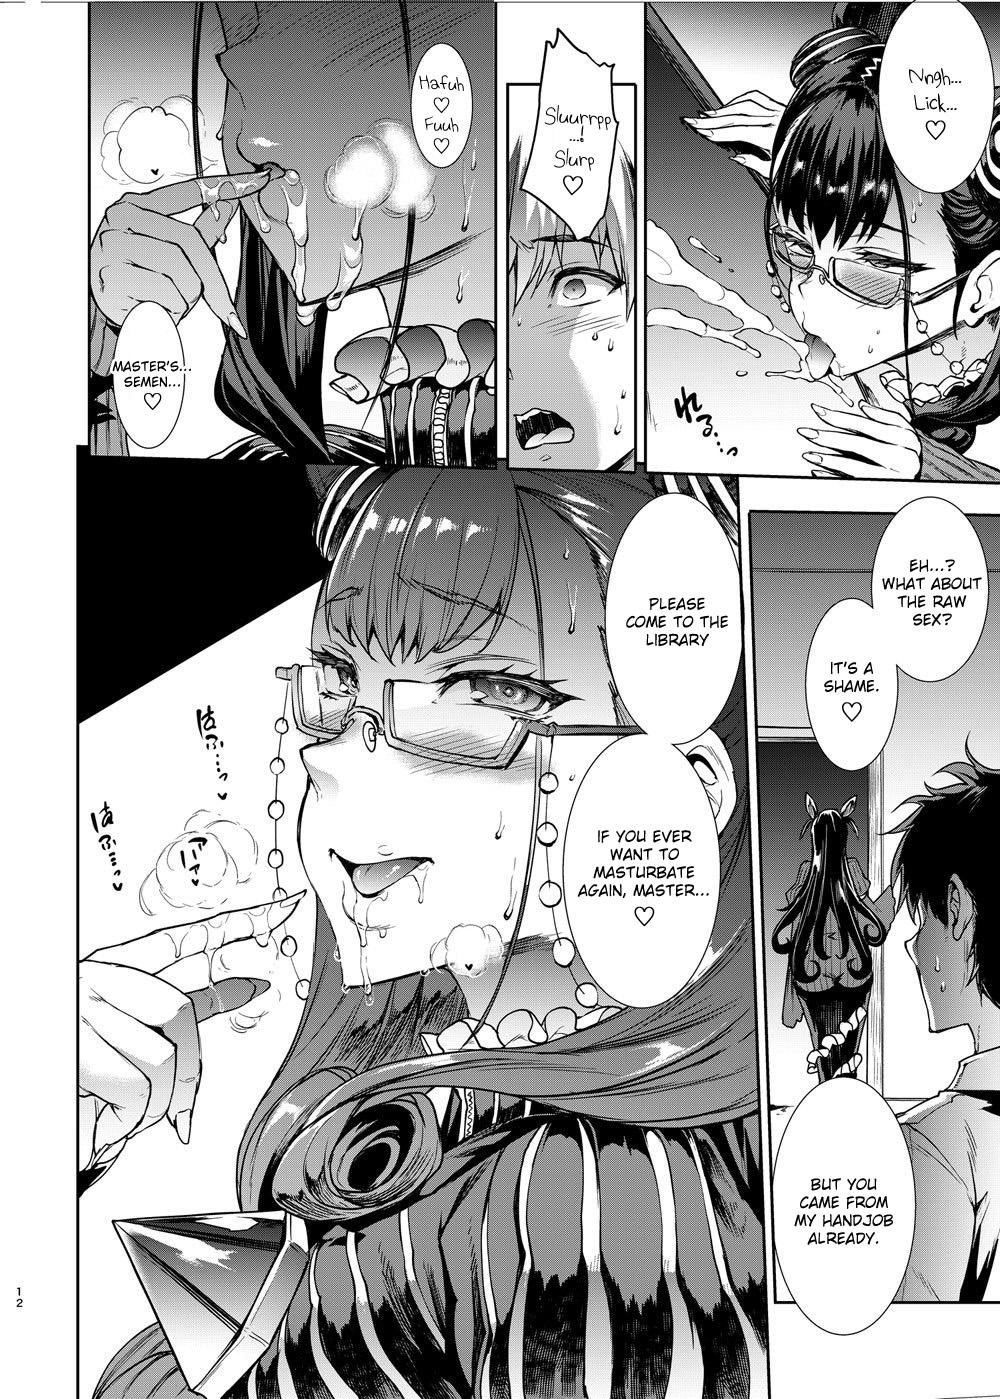 Murasaki Shikibu no Miminame Tekoki Chikubizeme ni Taeraretara Nama Sex Dekiru Hon 15